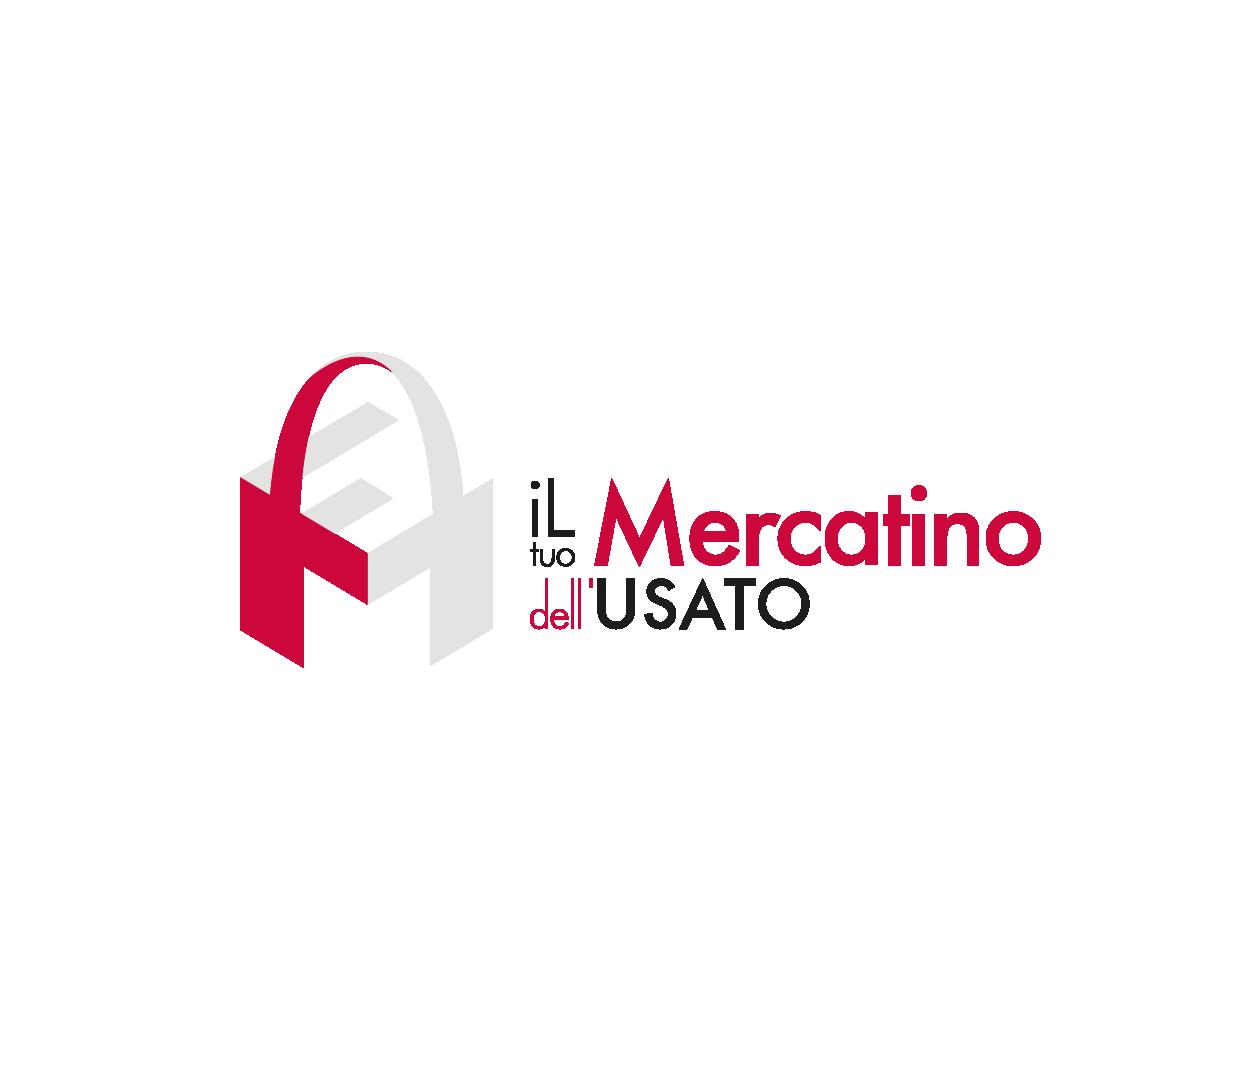 Il mercatino dell usato logo 02 for Mercatino dell usato caserta